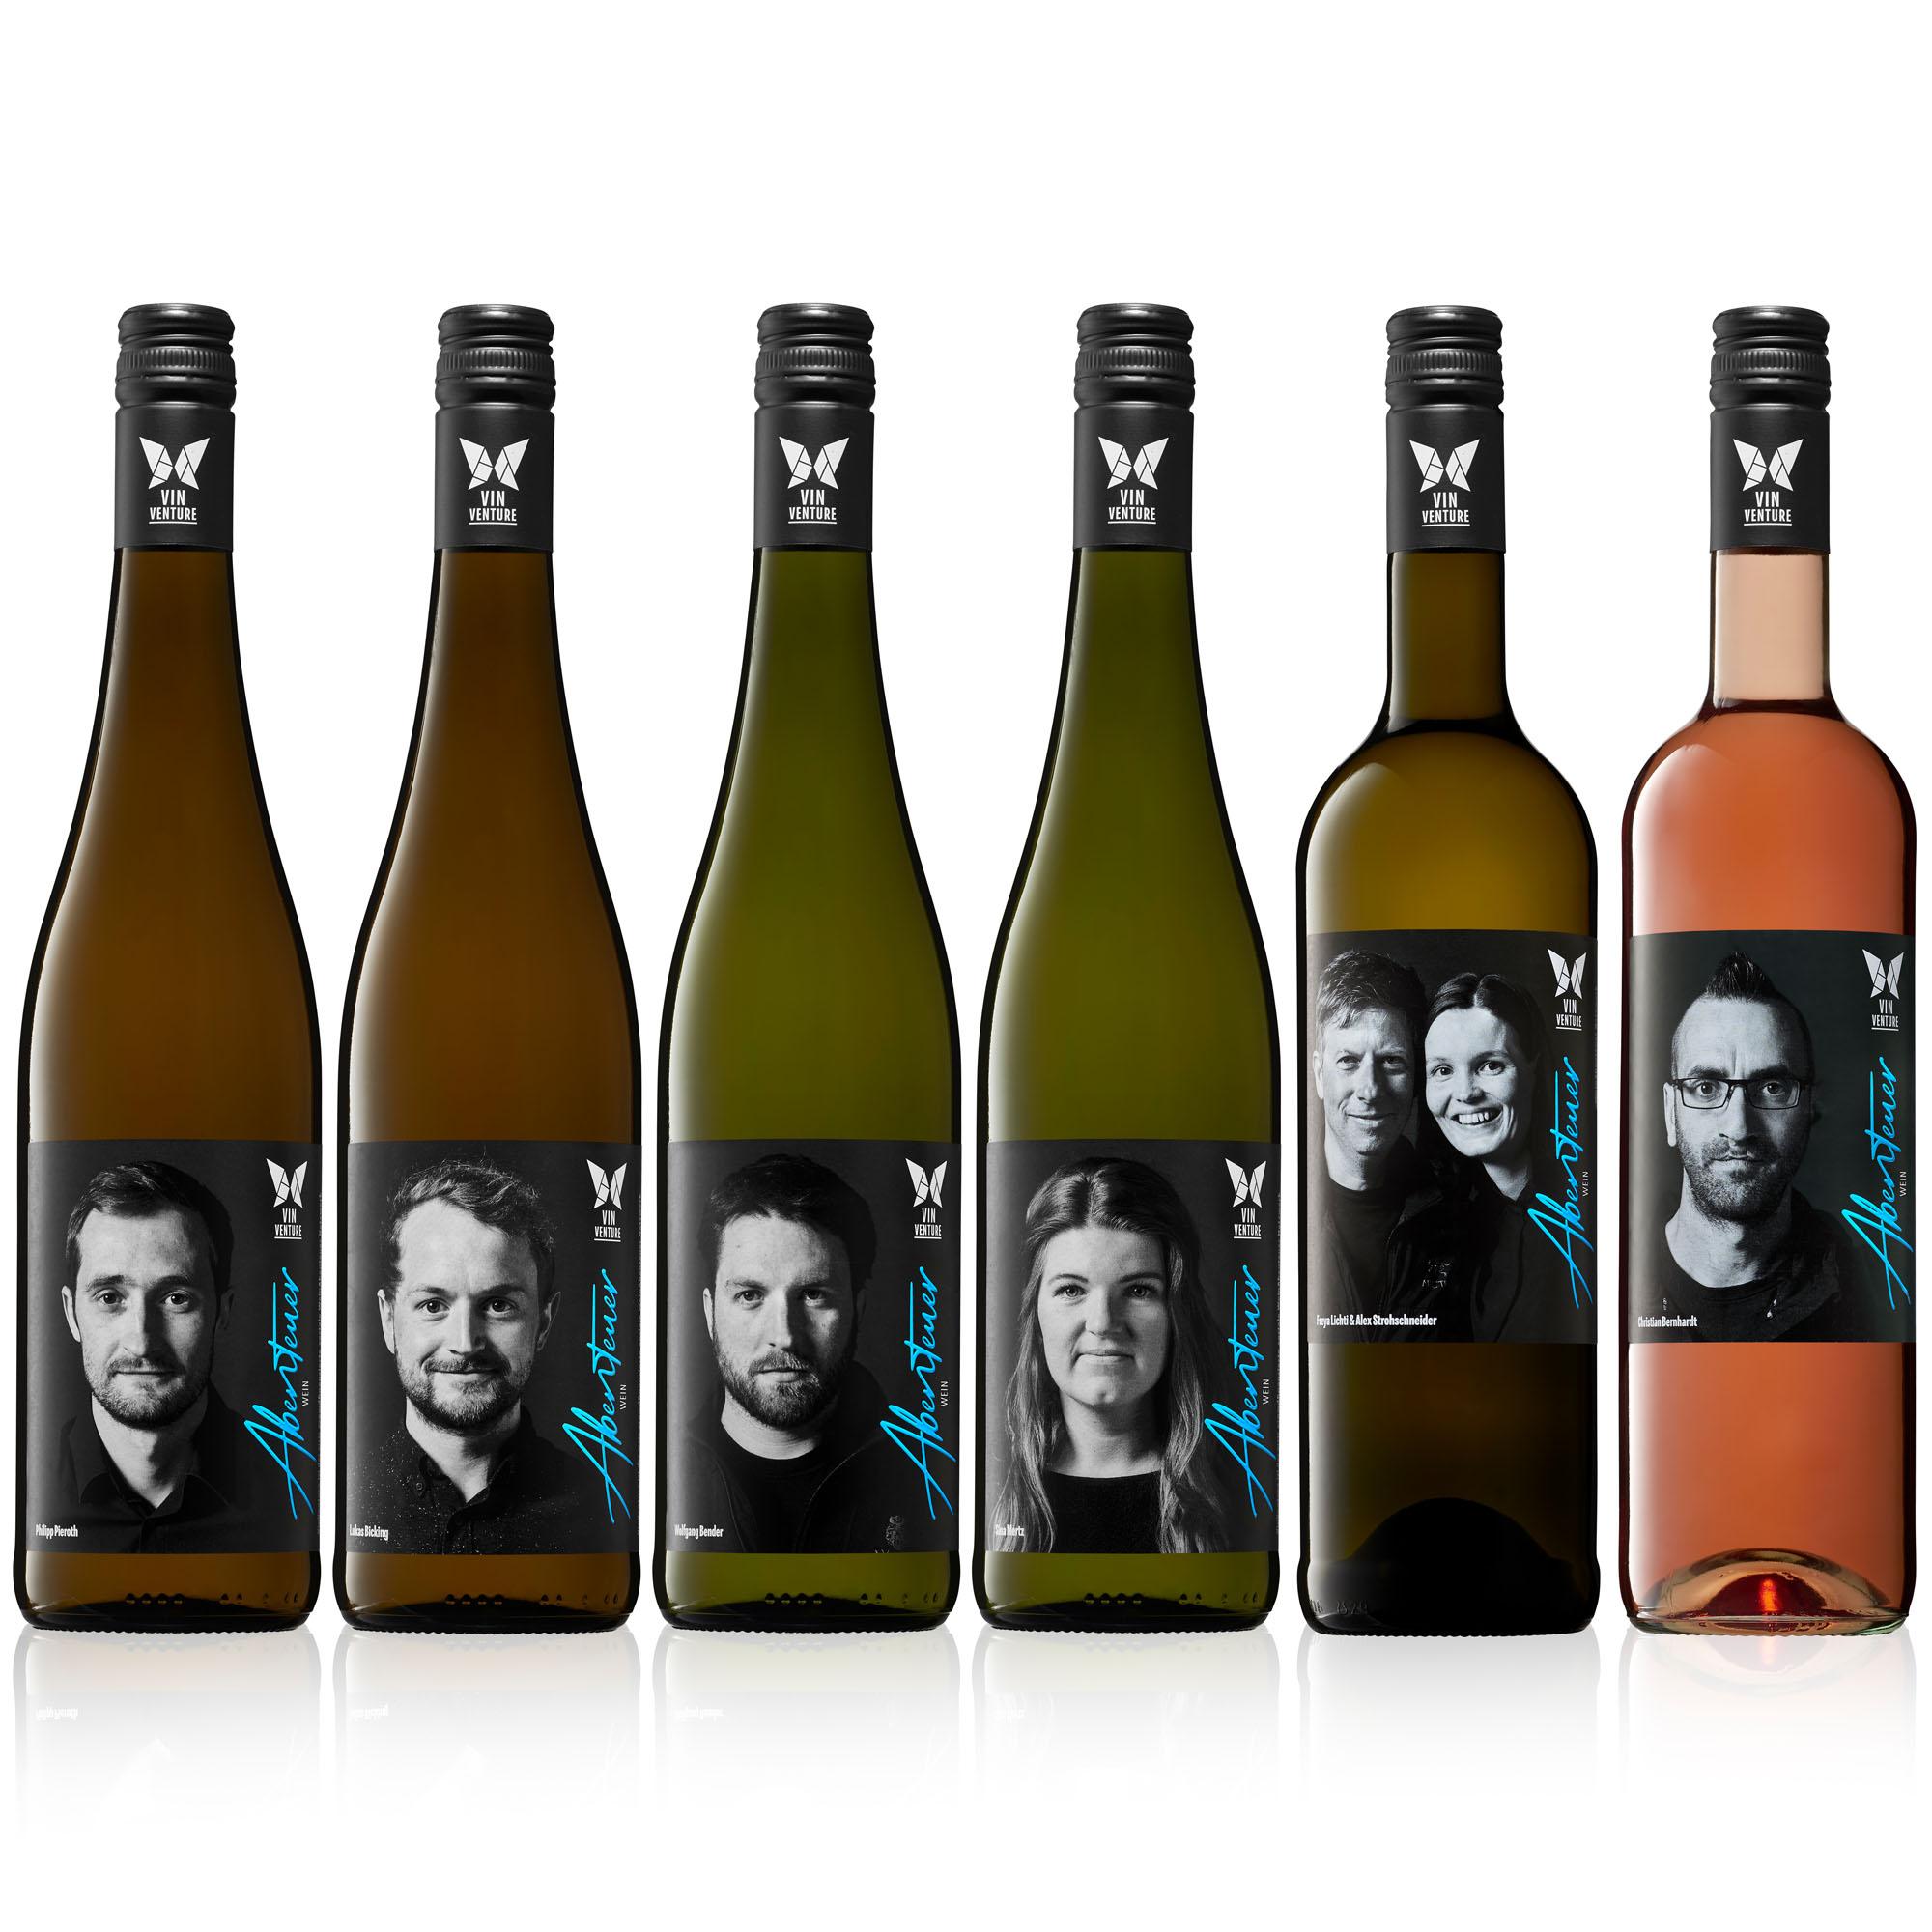 Die Abenteuer Weine der VinVenture Weinlinie werden durch die Mitglieder per Klick mitgestaltet